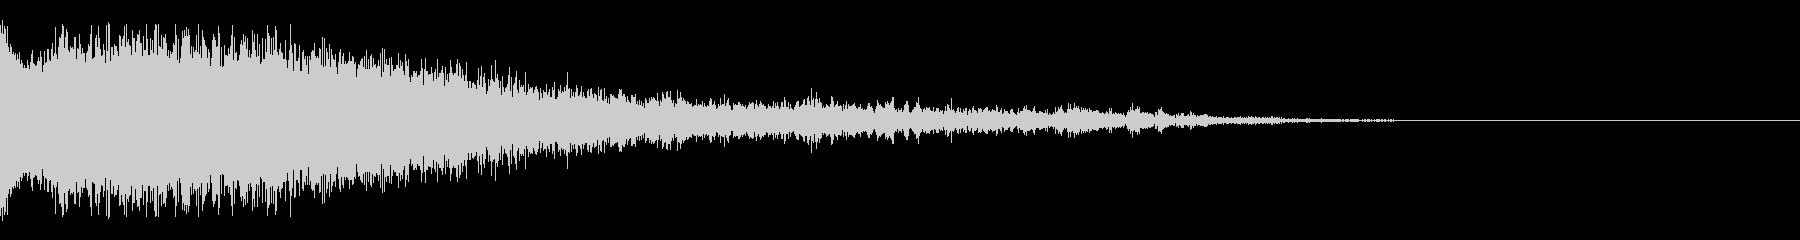 Dark_Sweepdown-02の未再生の波形